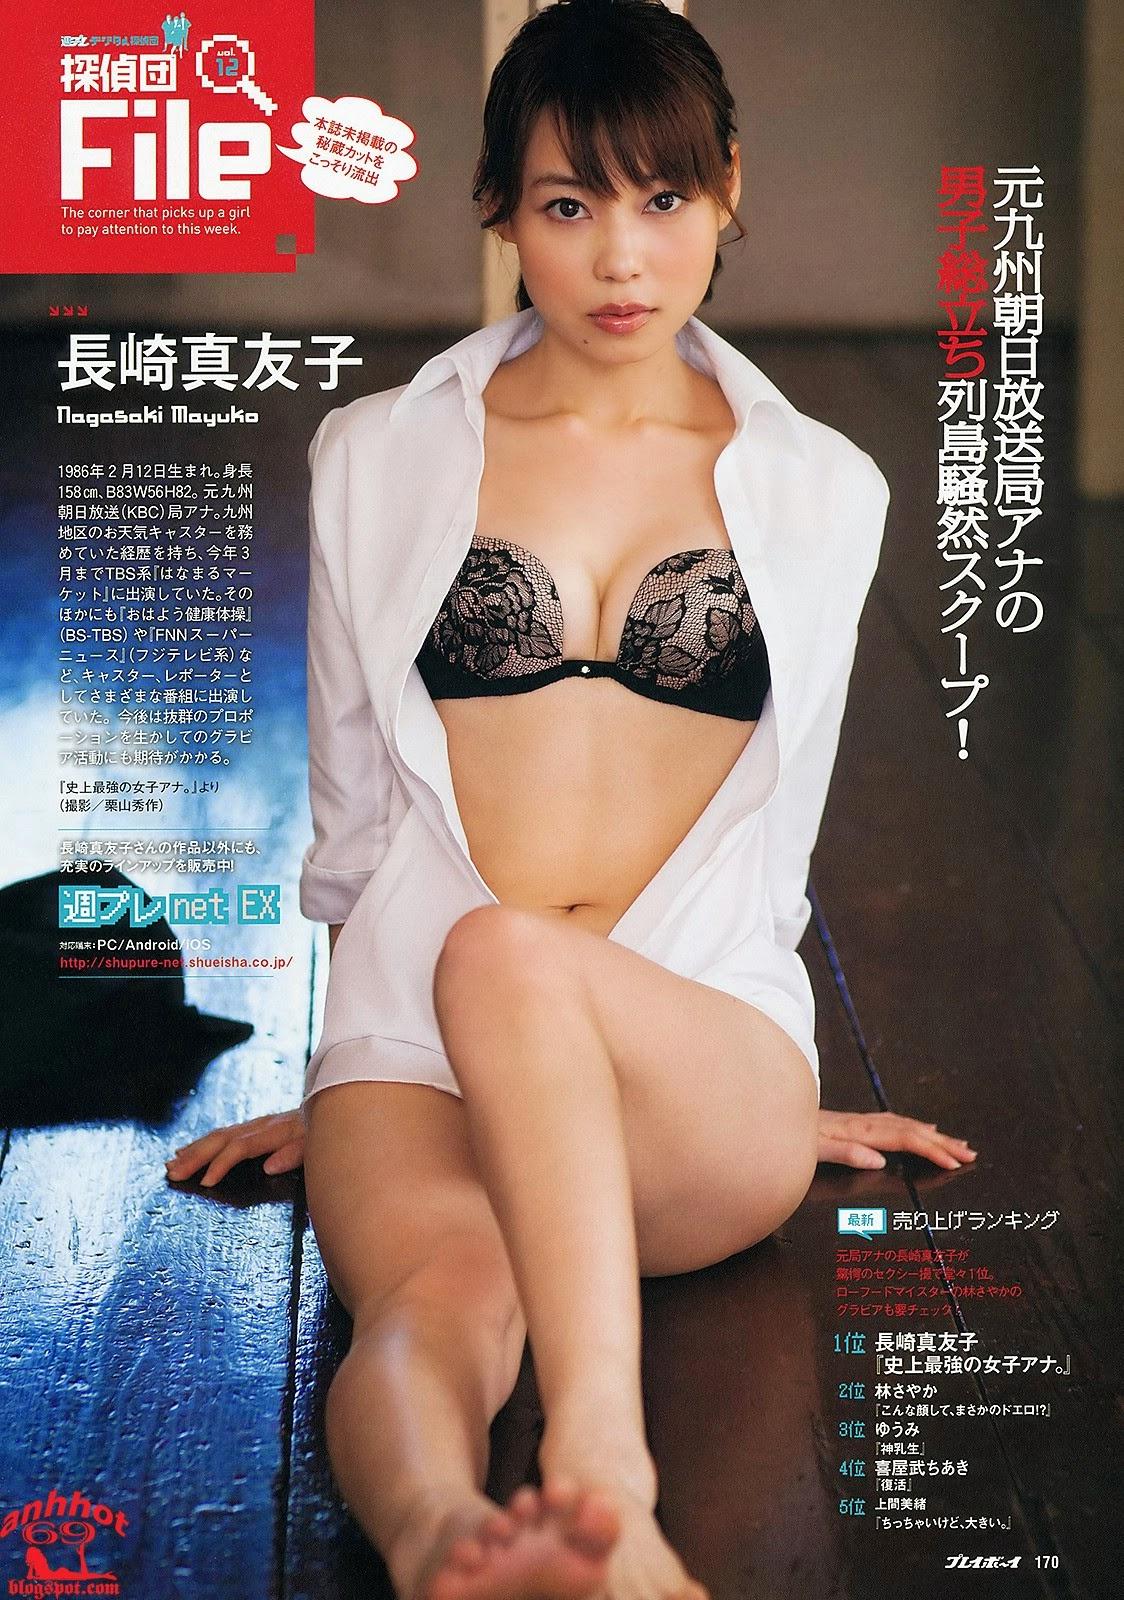 mayuko-nagasaki-02228221